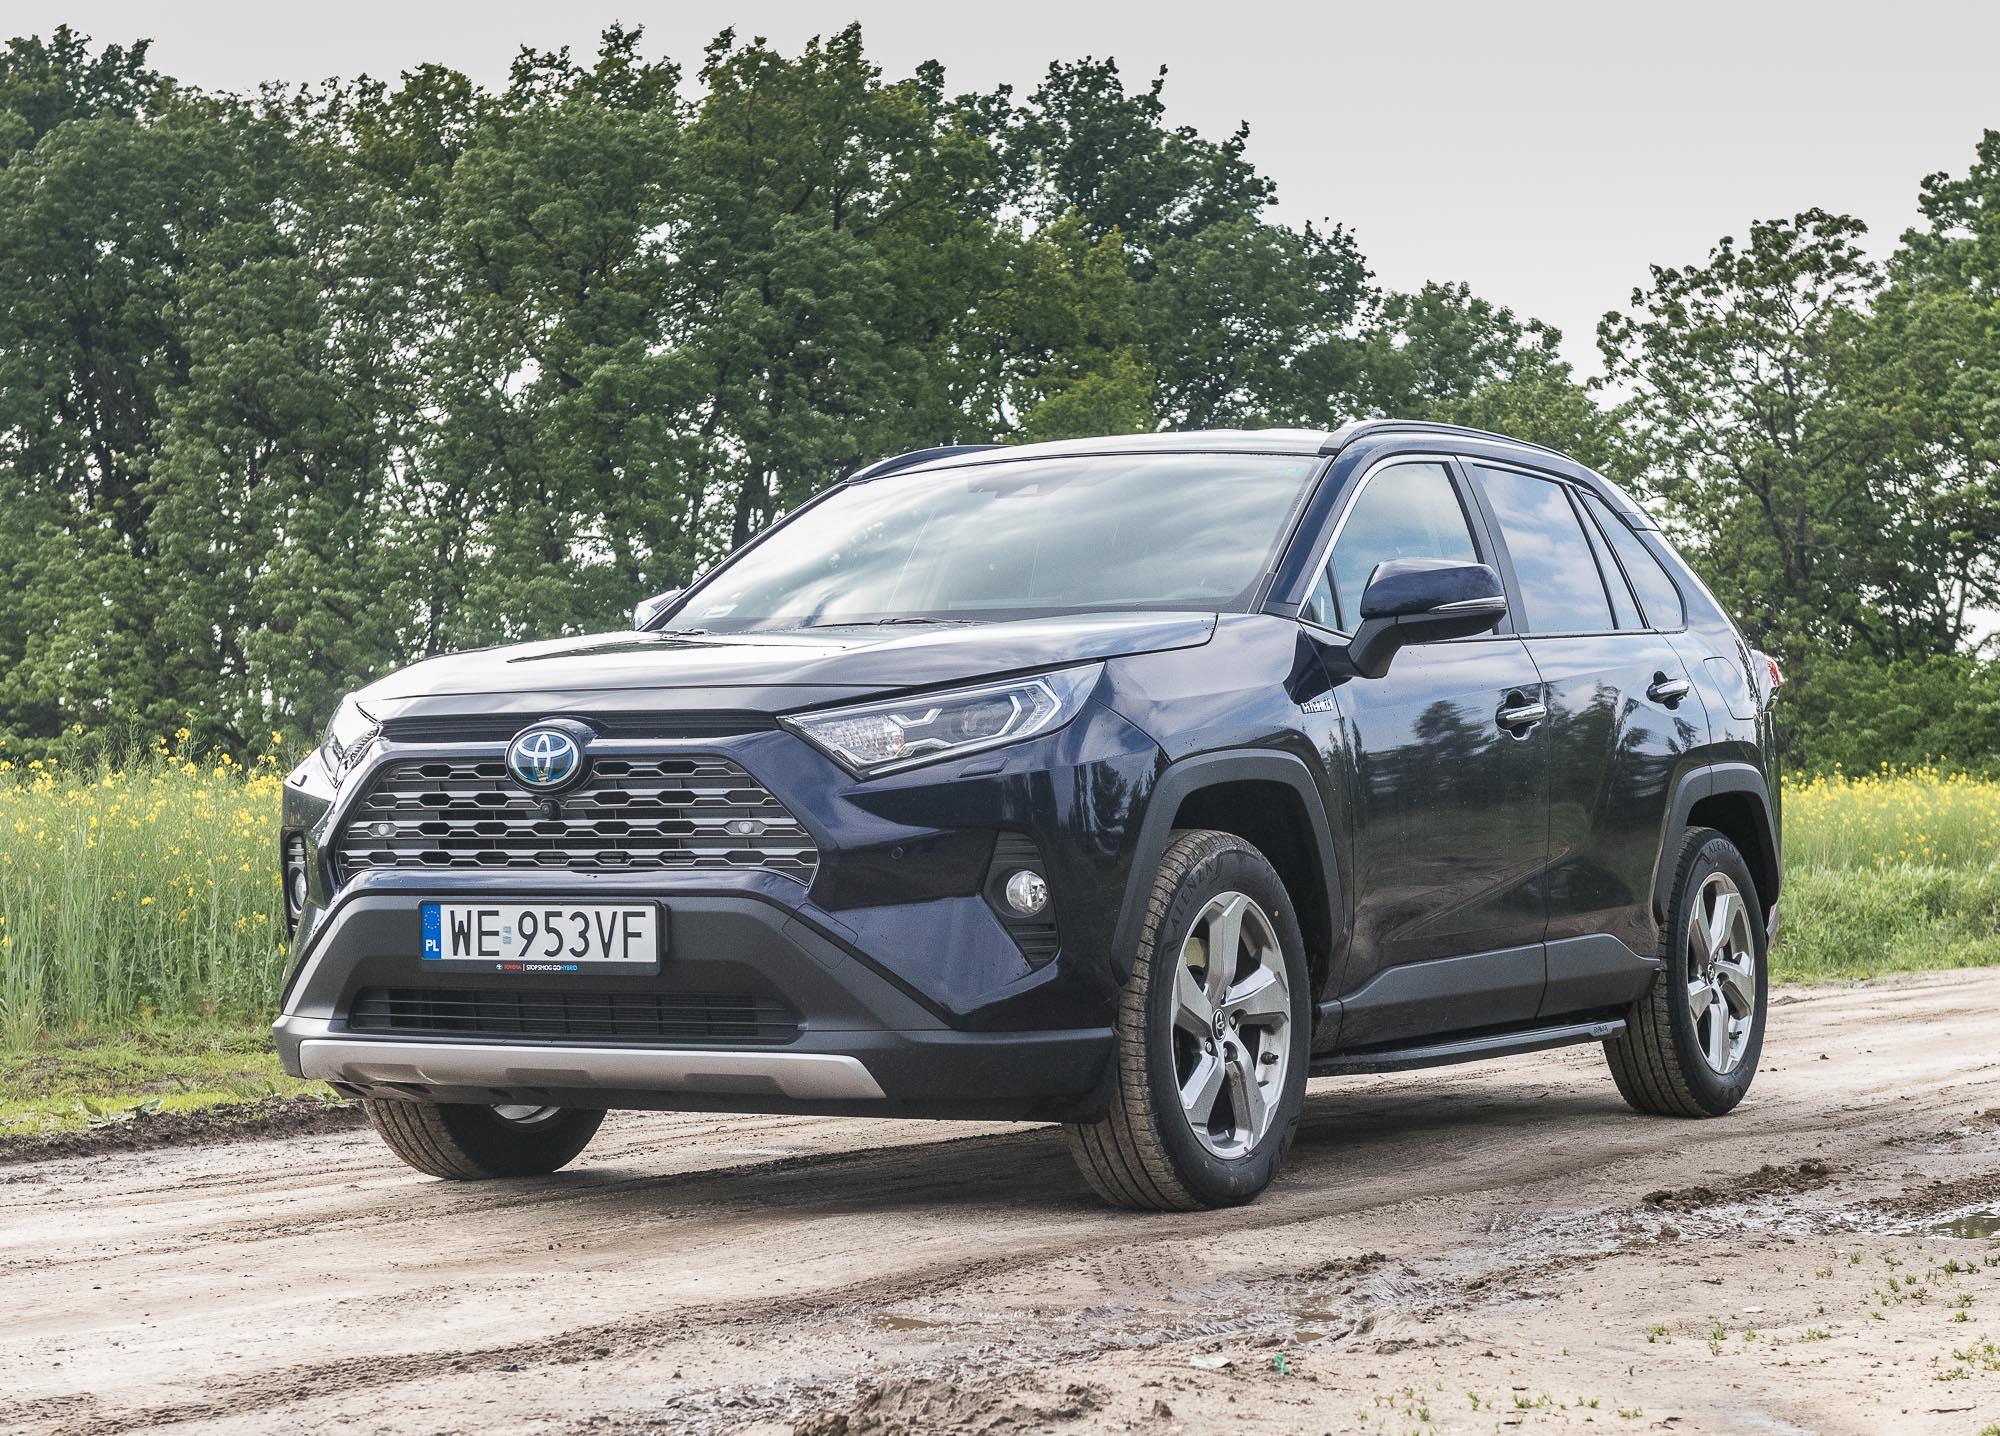 Toyota RAV4 2019 hybrid test